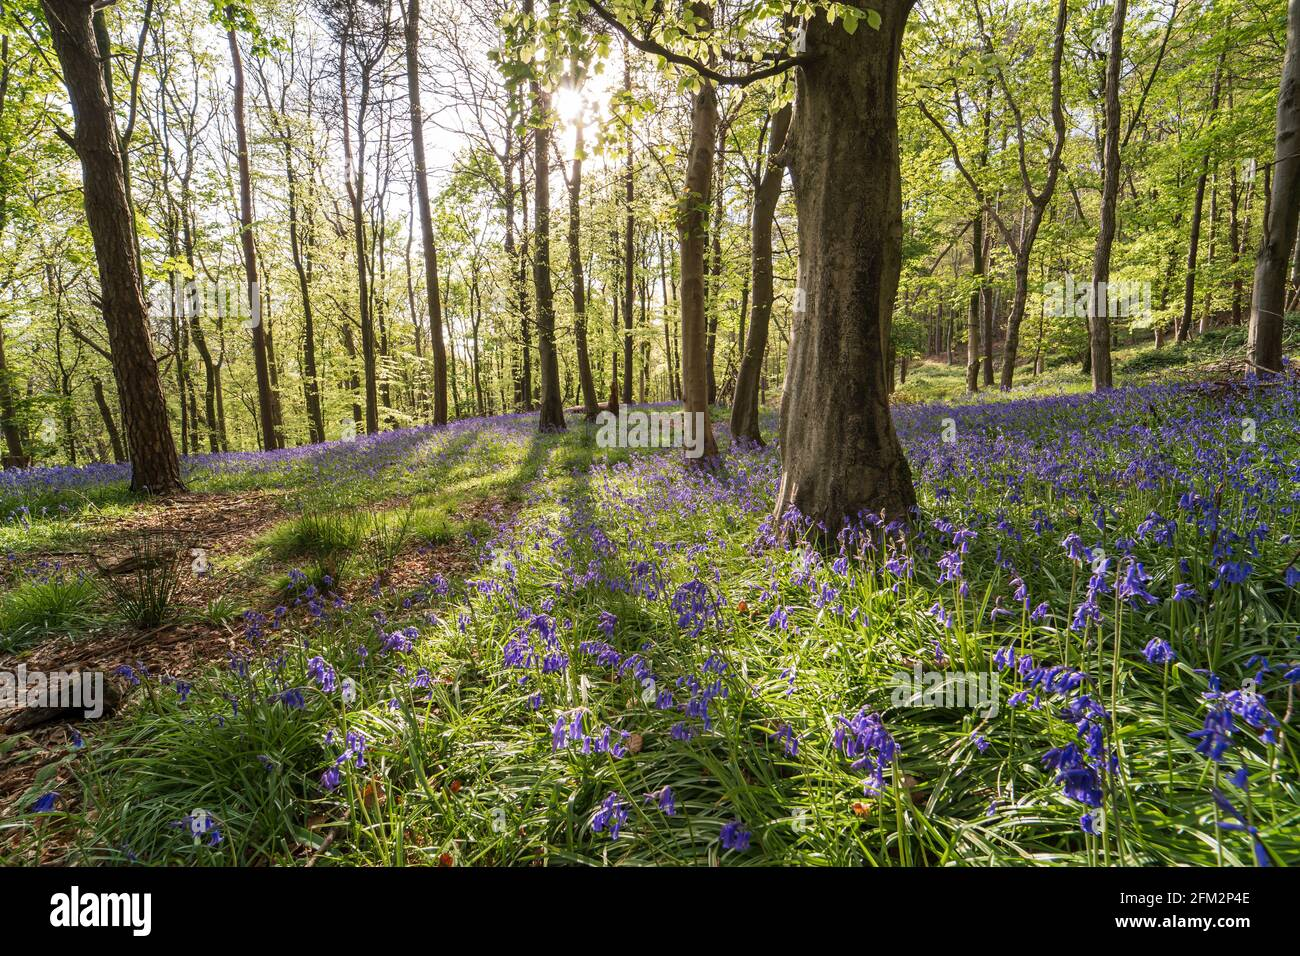 Bluebells dans Graig Fawr Woods près de Margam Country Park au coucher du soleil, Port Talbot, pays de Galles du Sud, Royaume-Uni Banque D'Images